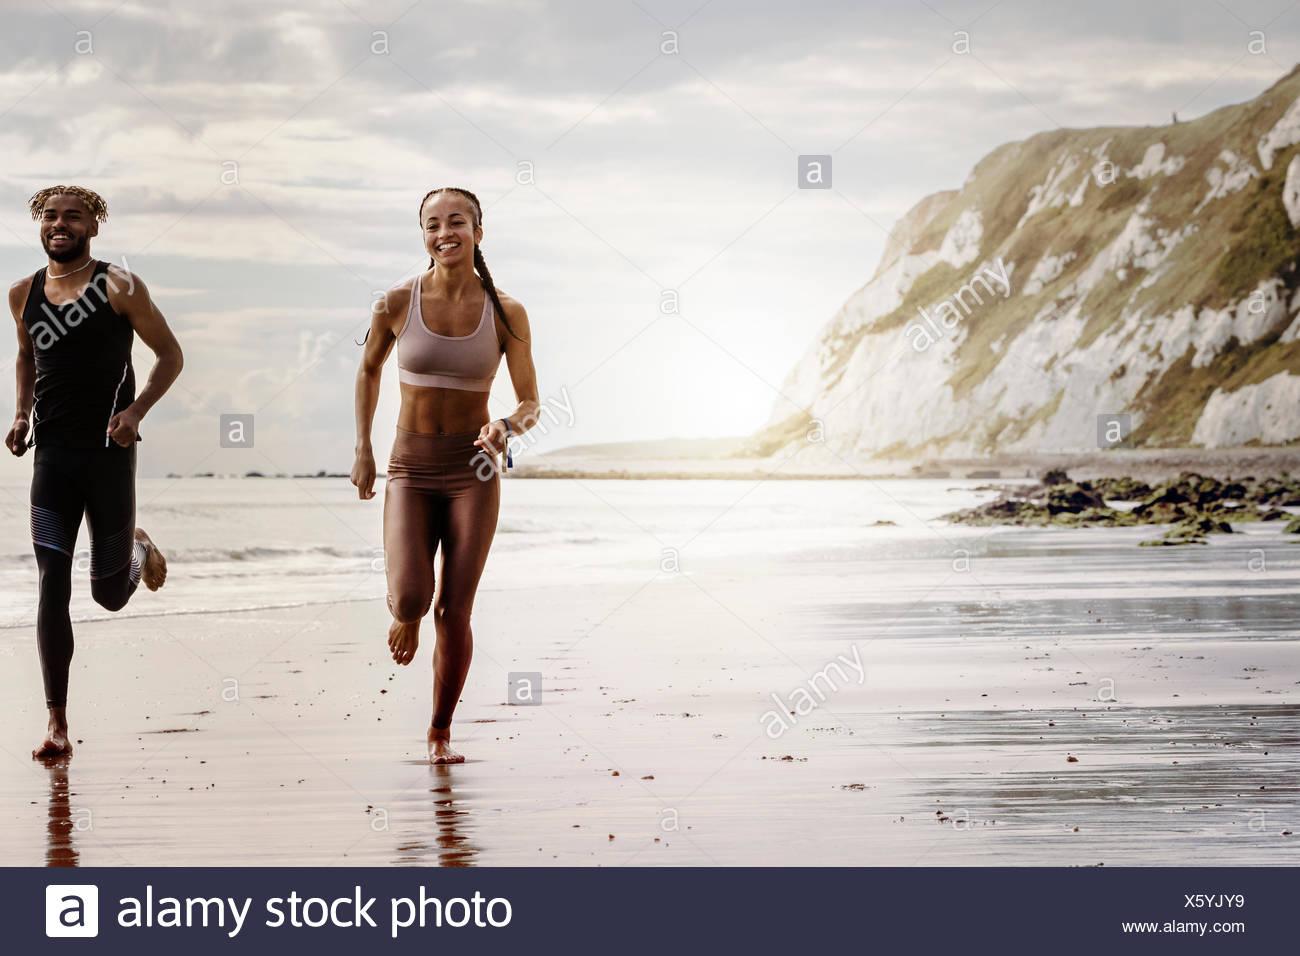 Jóvenes varones y mujeres corredores descalzos en la playa Imagen De Stock